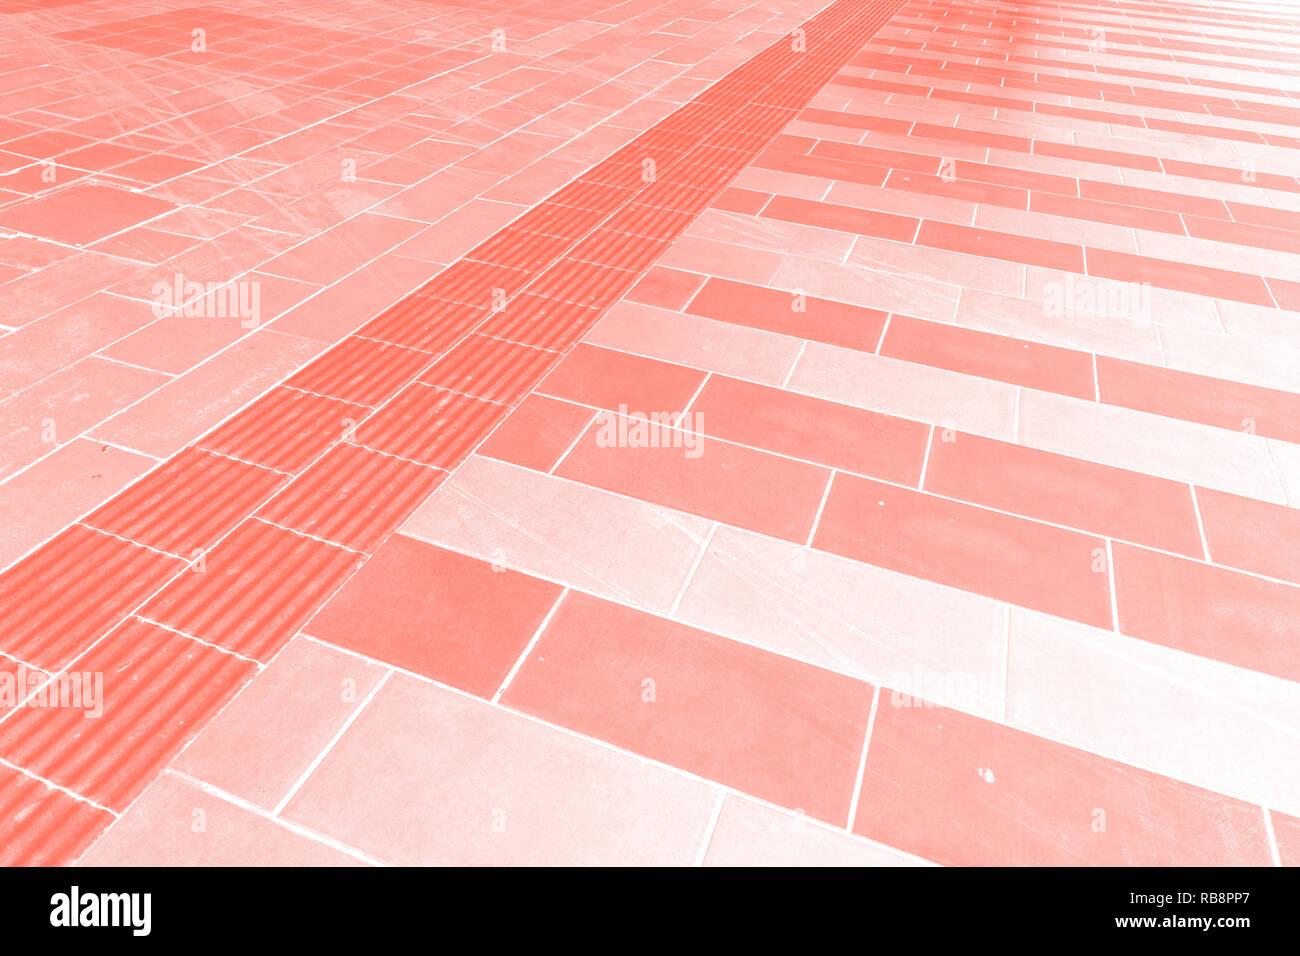 Pavimento Rosso E Bianco : Rosso e bianco delle piastrelle sul pavimento foto immagine